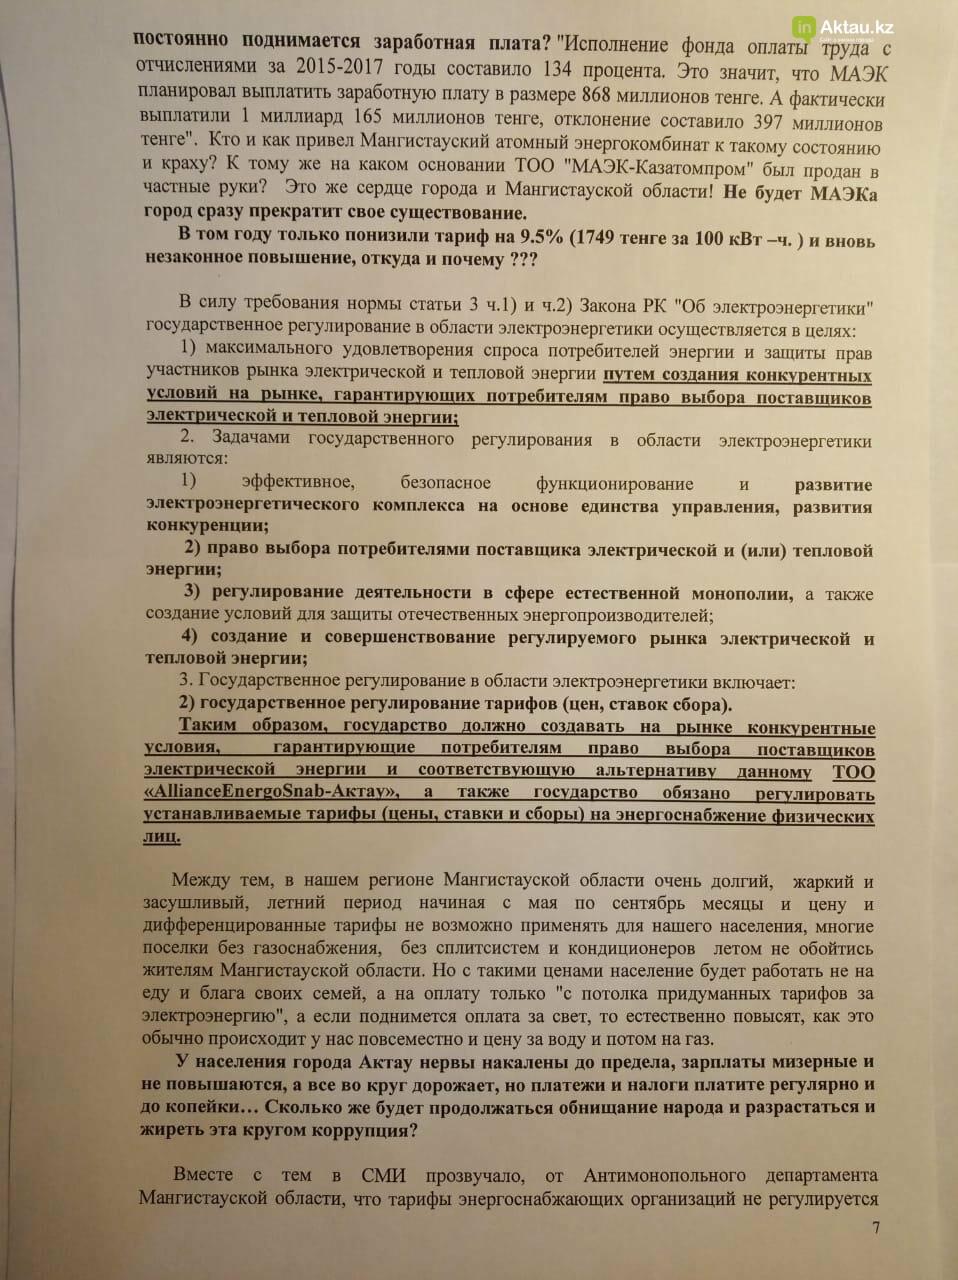 Открытое письмо Президенту написали актаусцы  по поводу новых тарифов на электроэнергию, фото-7